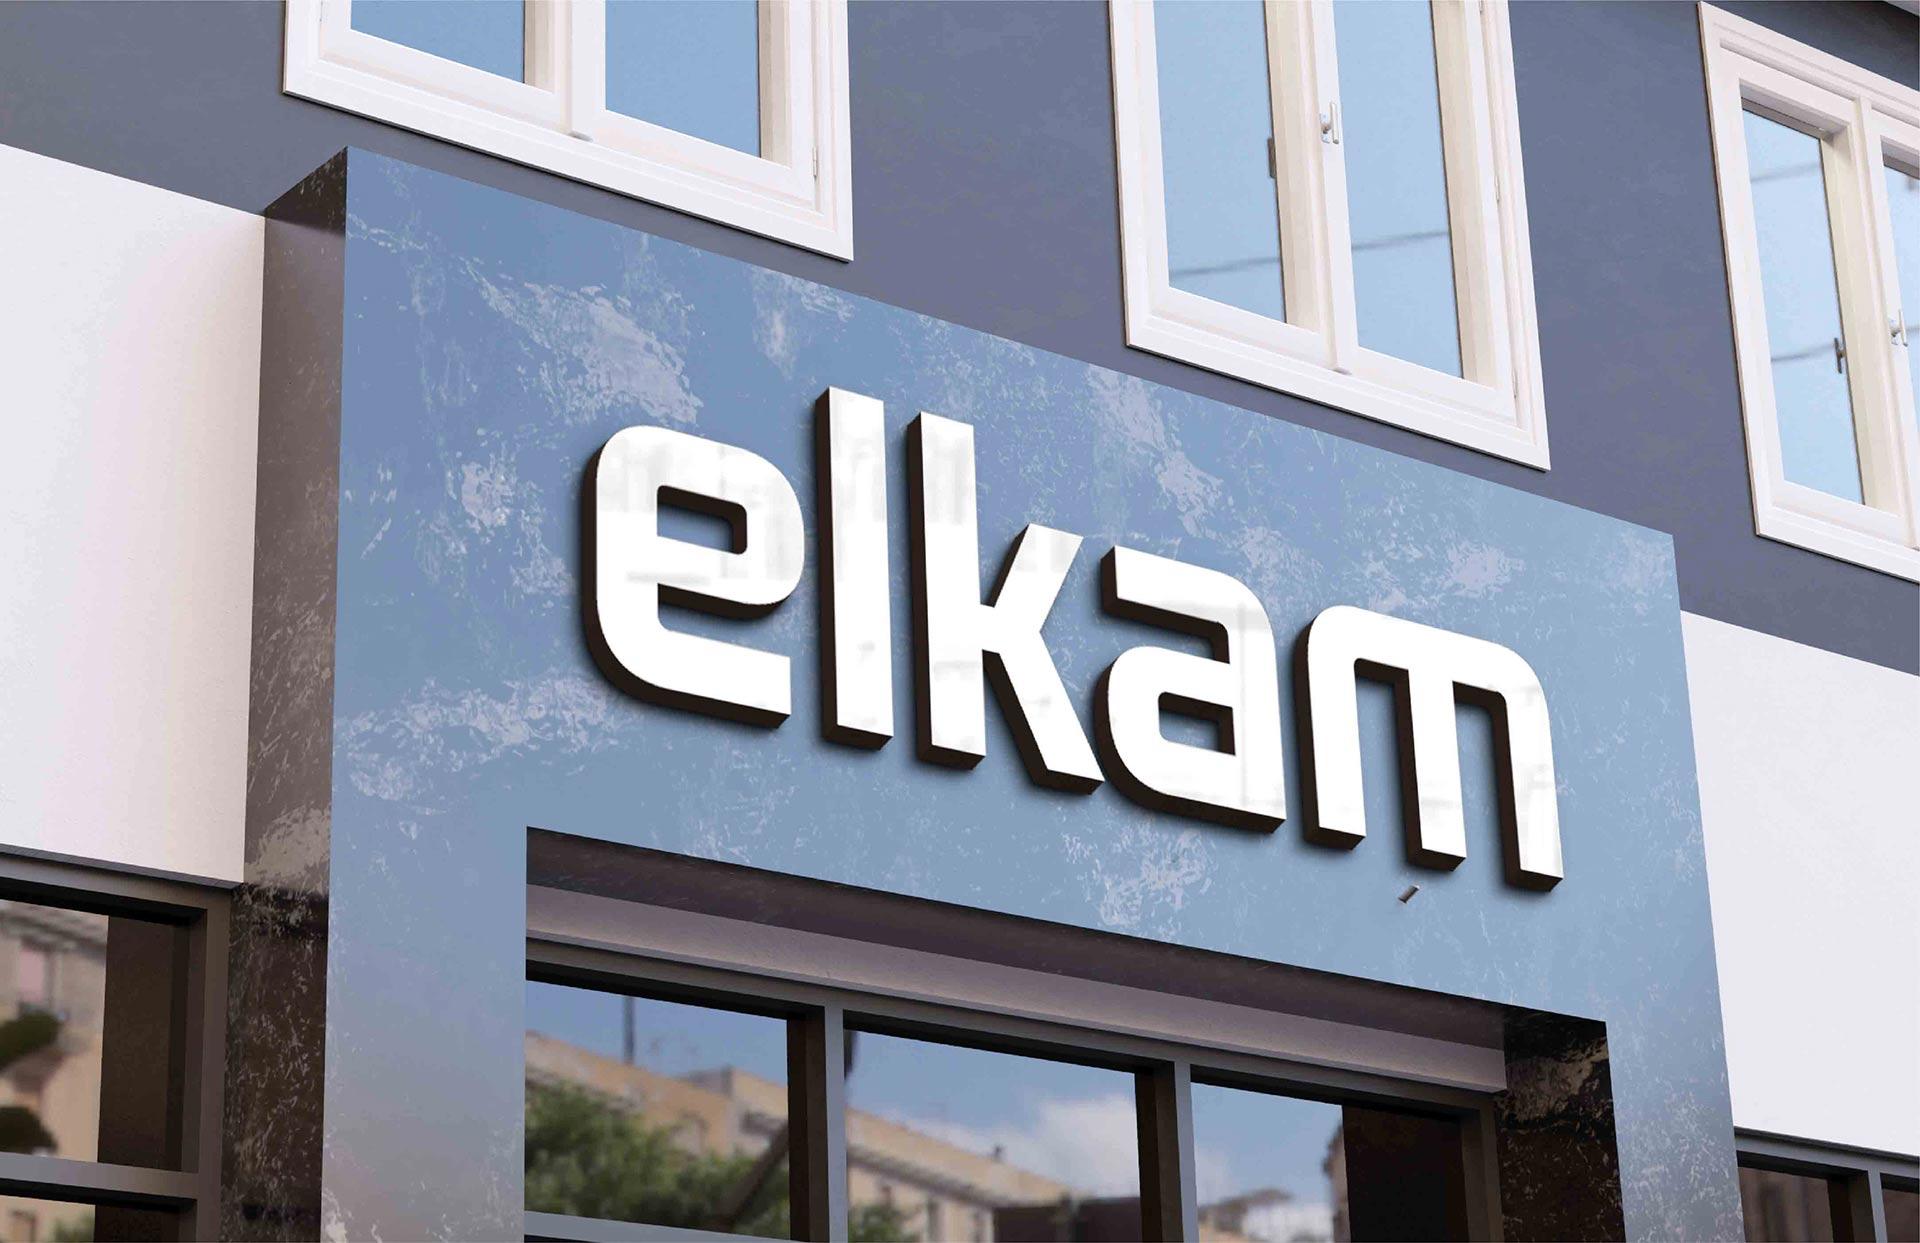 elkam-OK-14